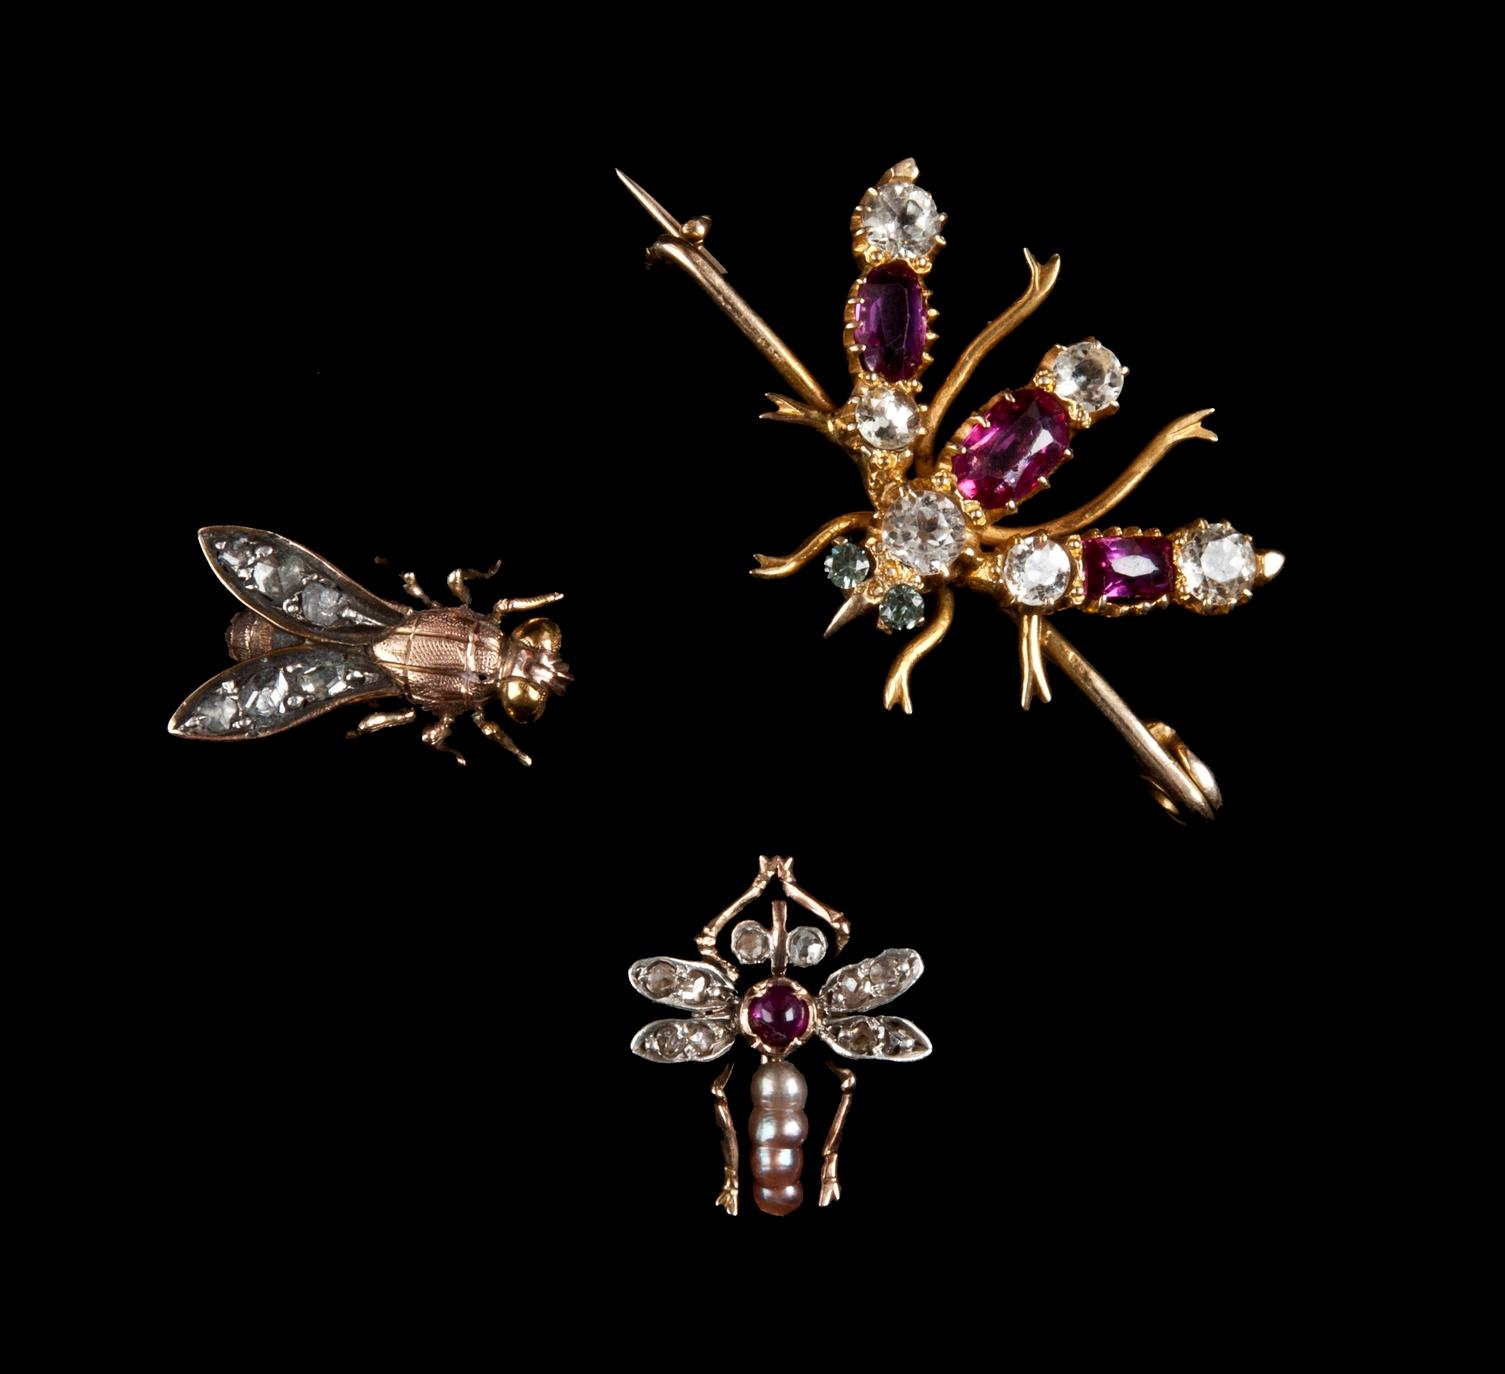 Szpilki krawatowe i broszka, pocz. XX w. Kolekcje A. Leja i Salonu Antyków Kolekcjoner Nowy Sącz1